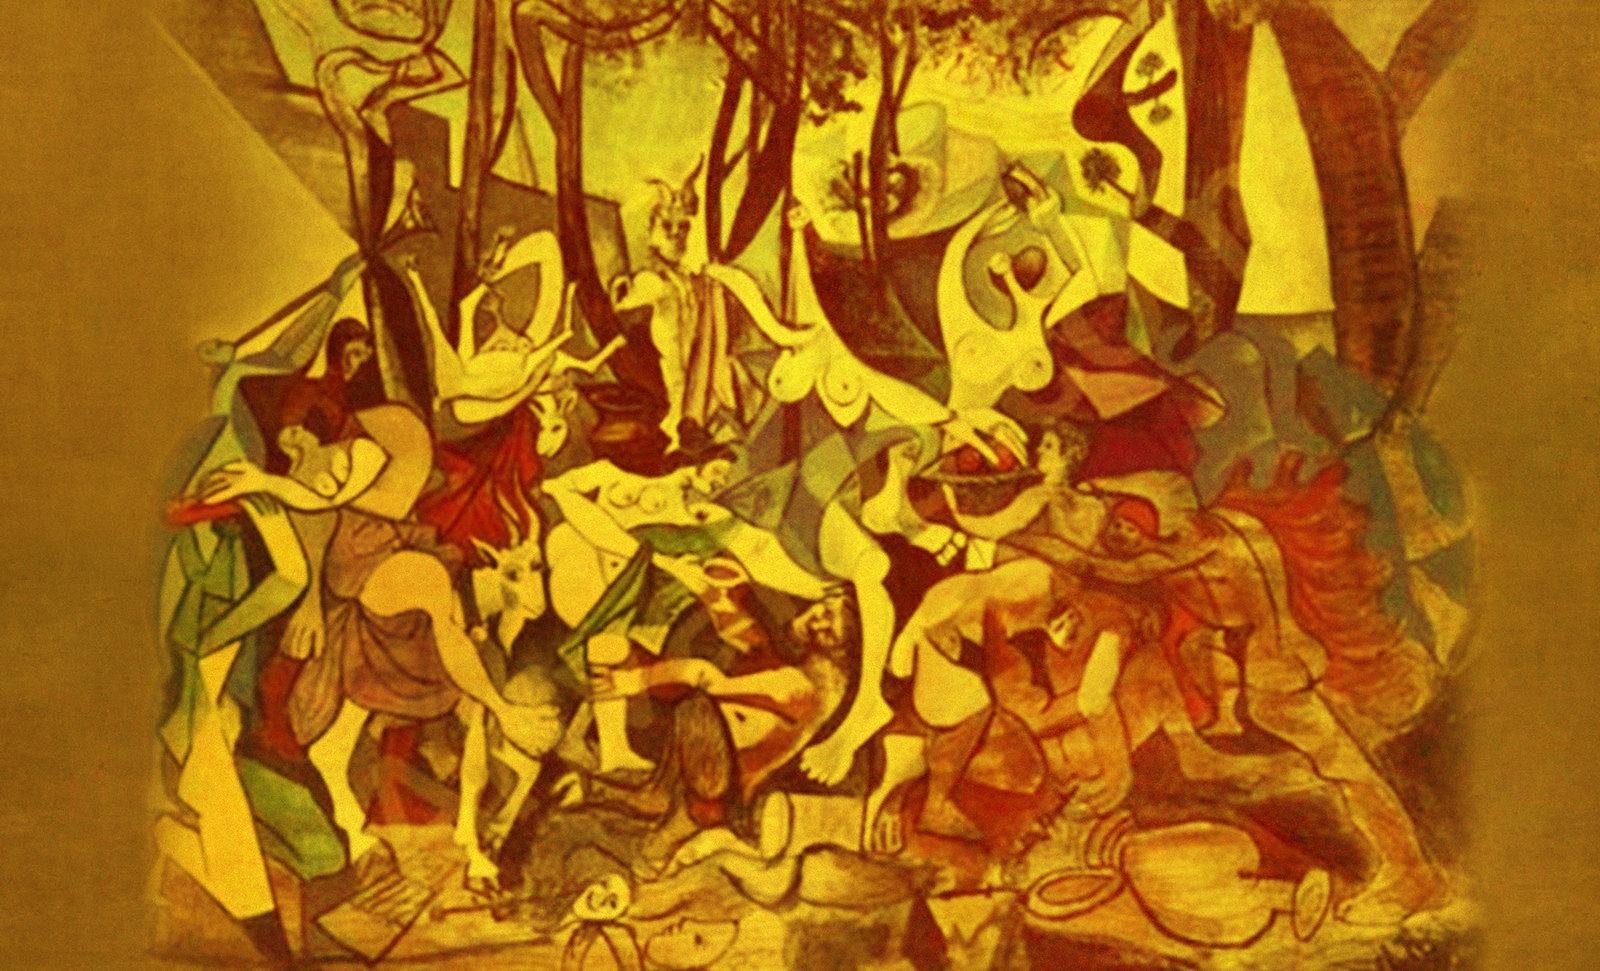 Bacanal, armonización de Nicolas Poussin (1632), versiones y encuadres de Pablo Picasso (1957).